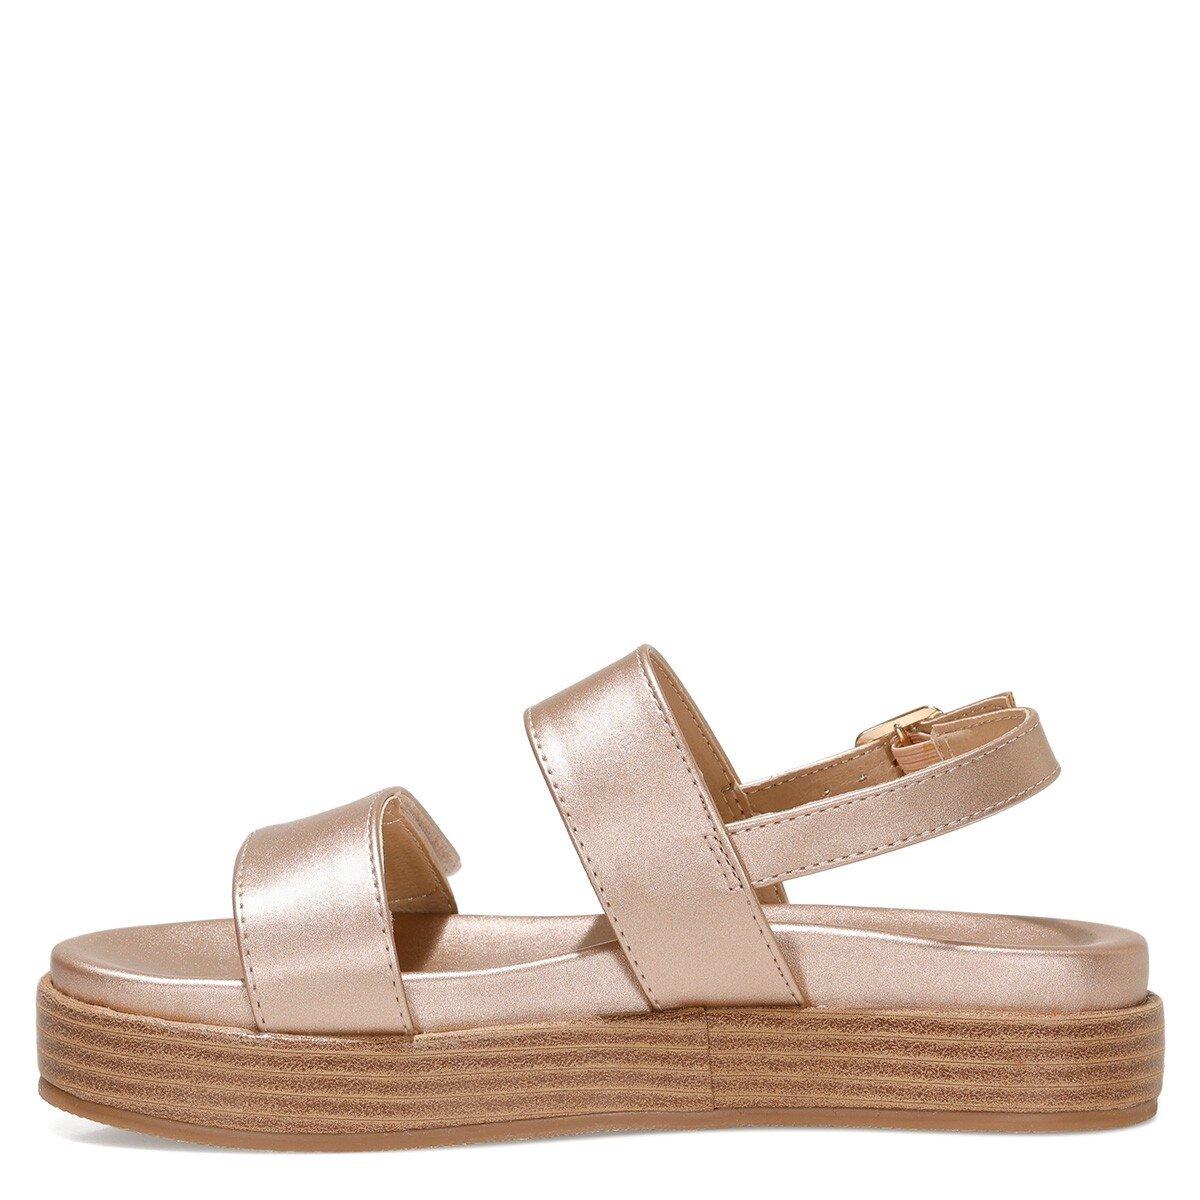 POPPY 1FX Rose Gold Kadın Kalın Tabanlı Sandalet